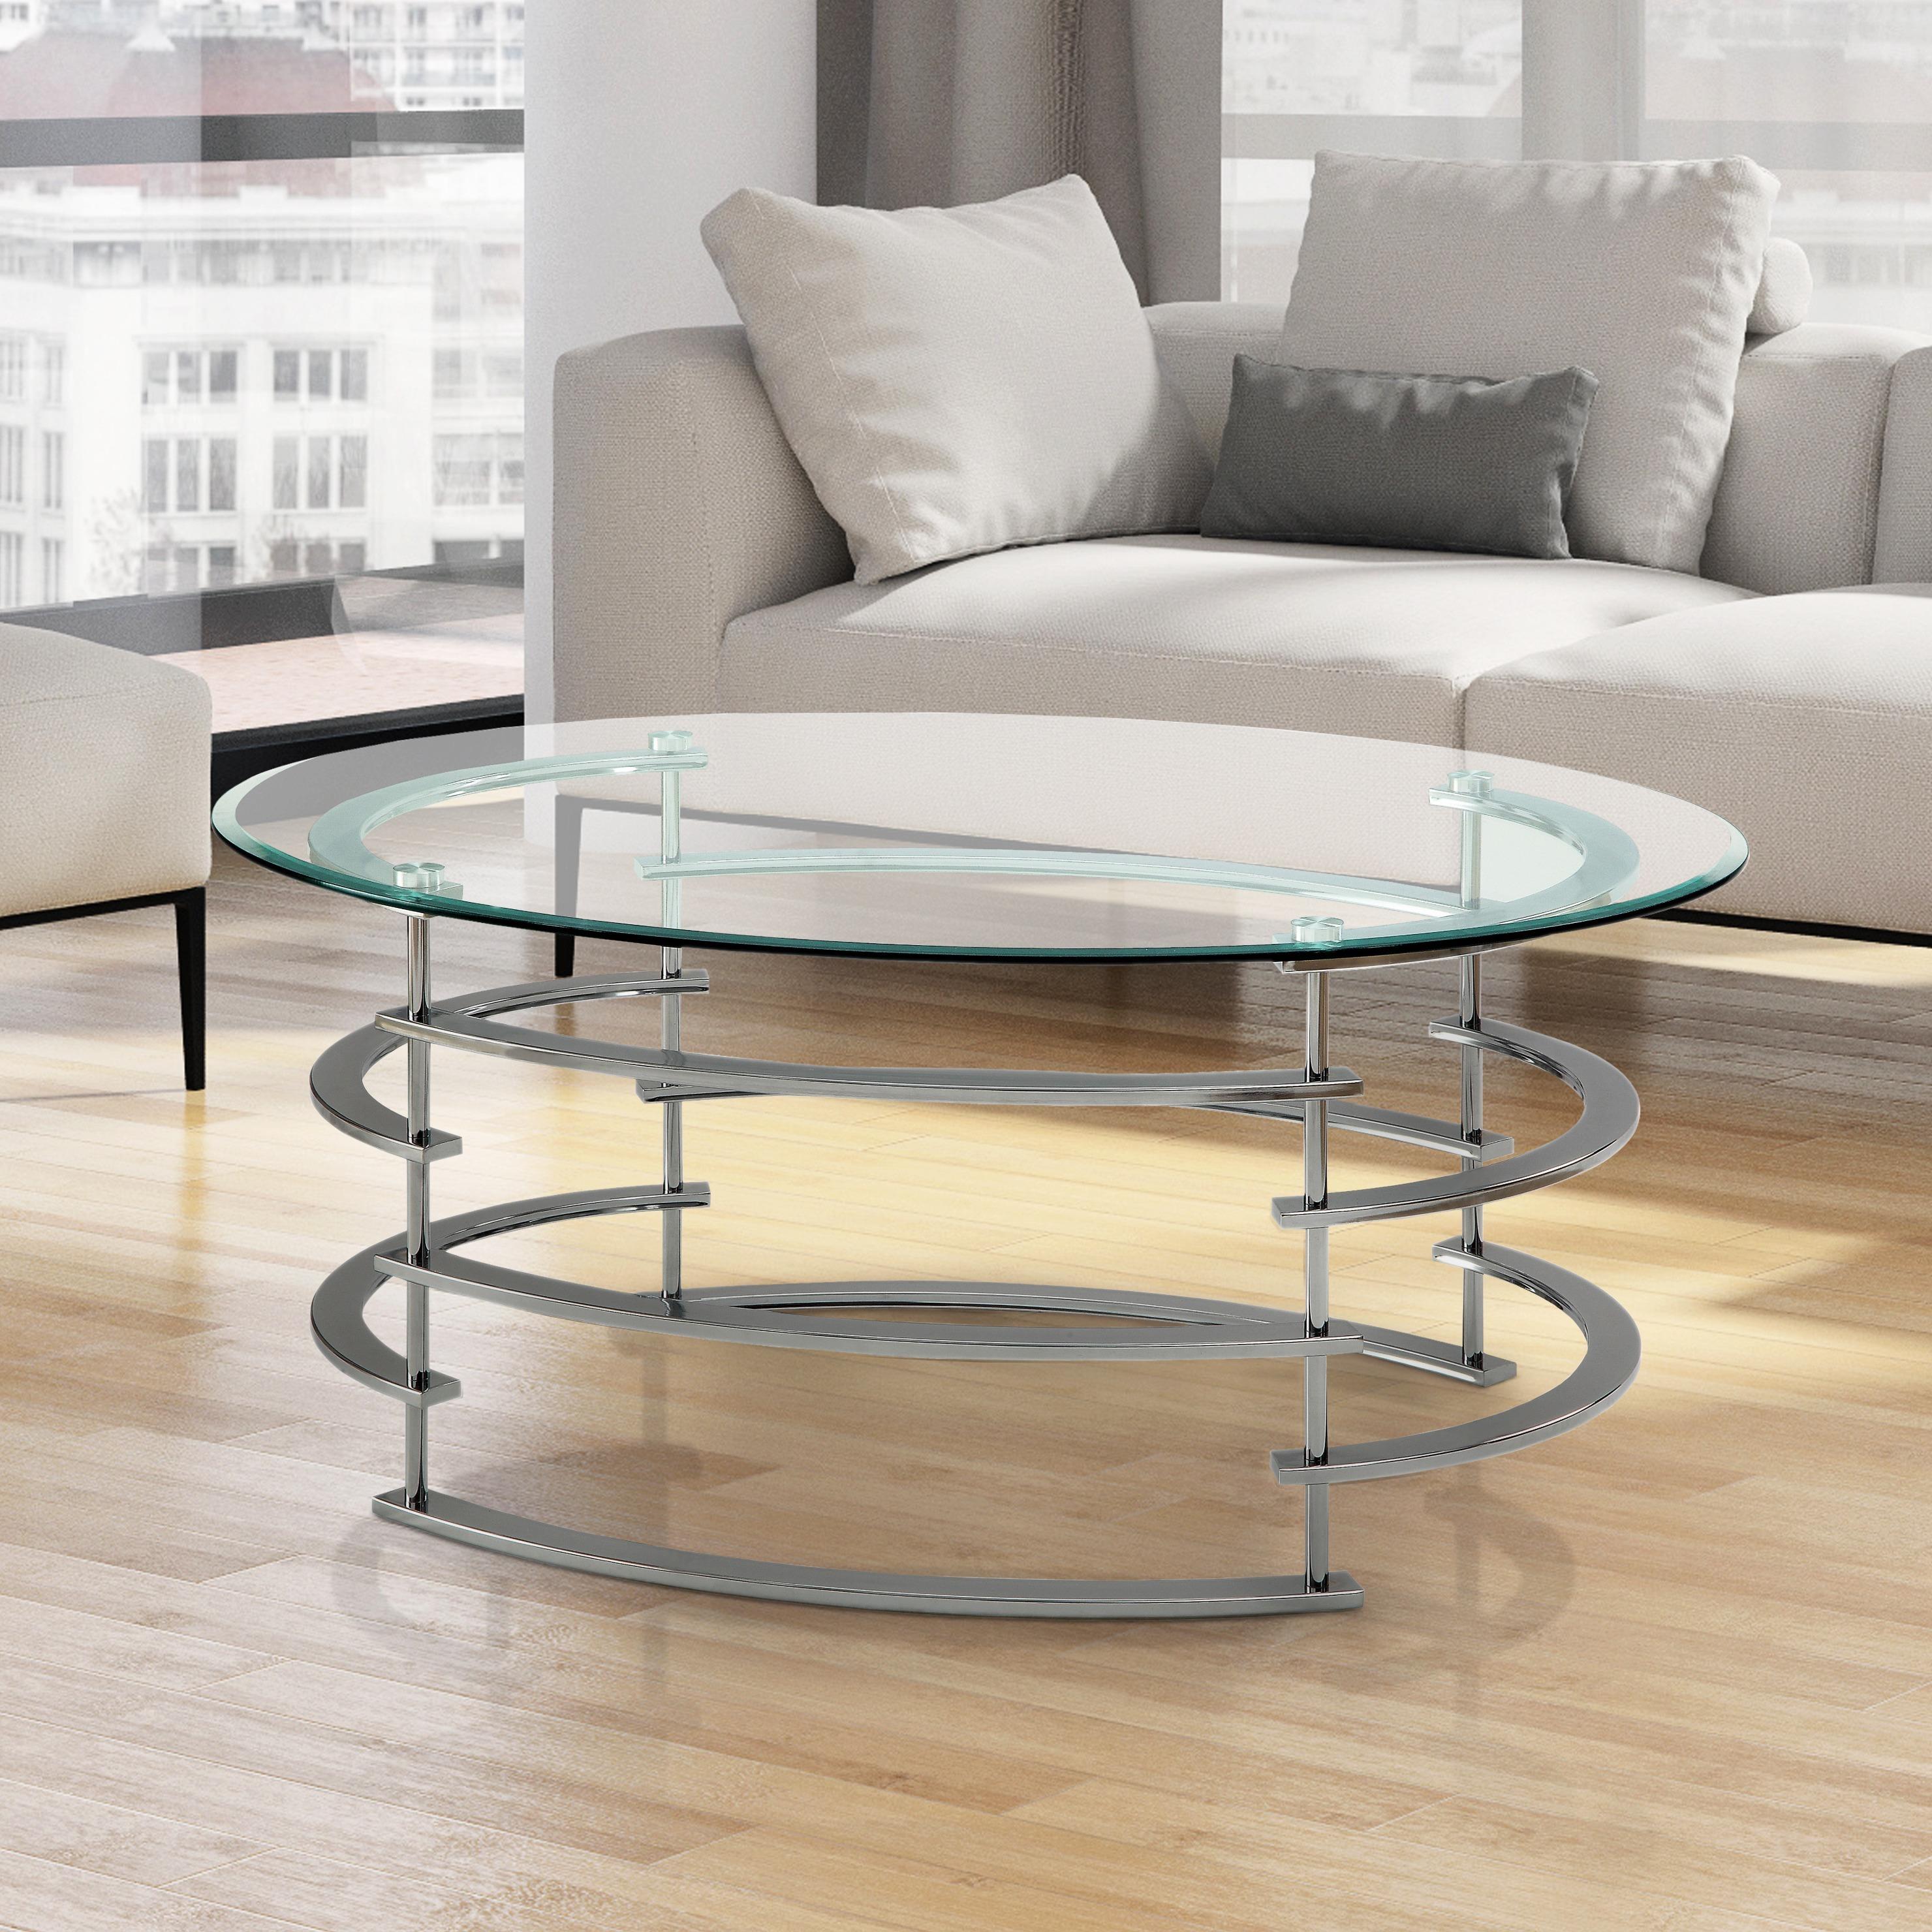 Furniture of America Odella Contemporary Glam Glass Top Coffee